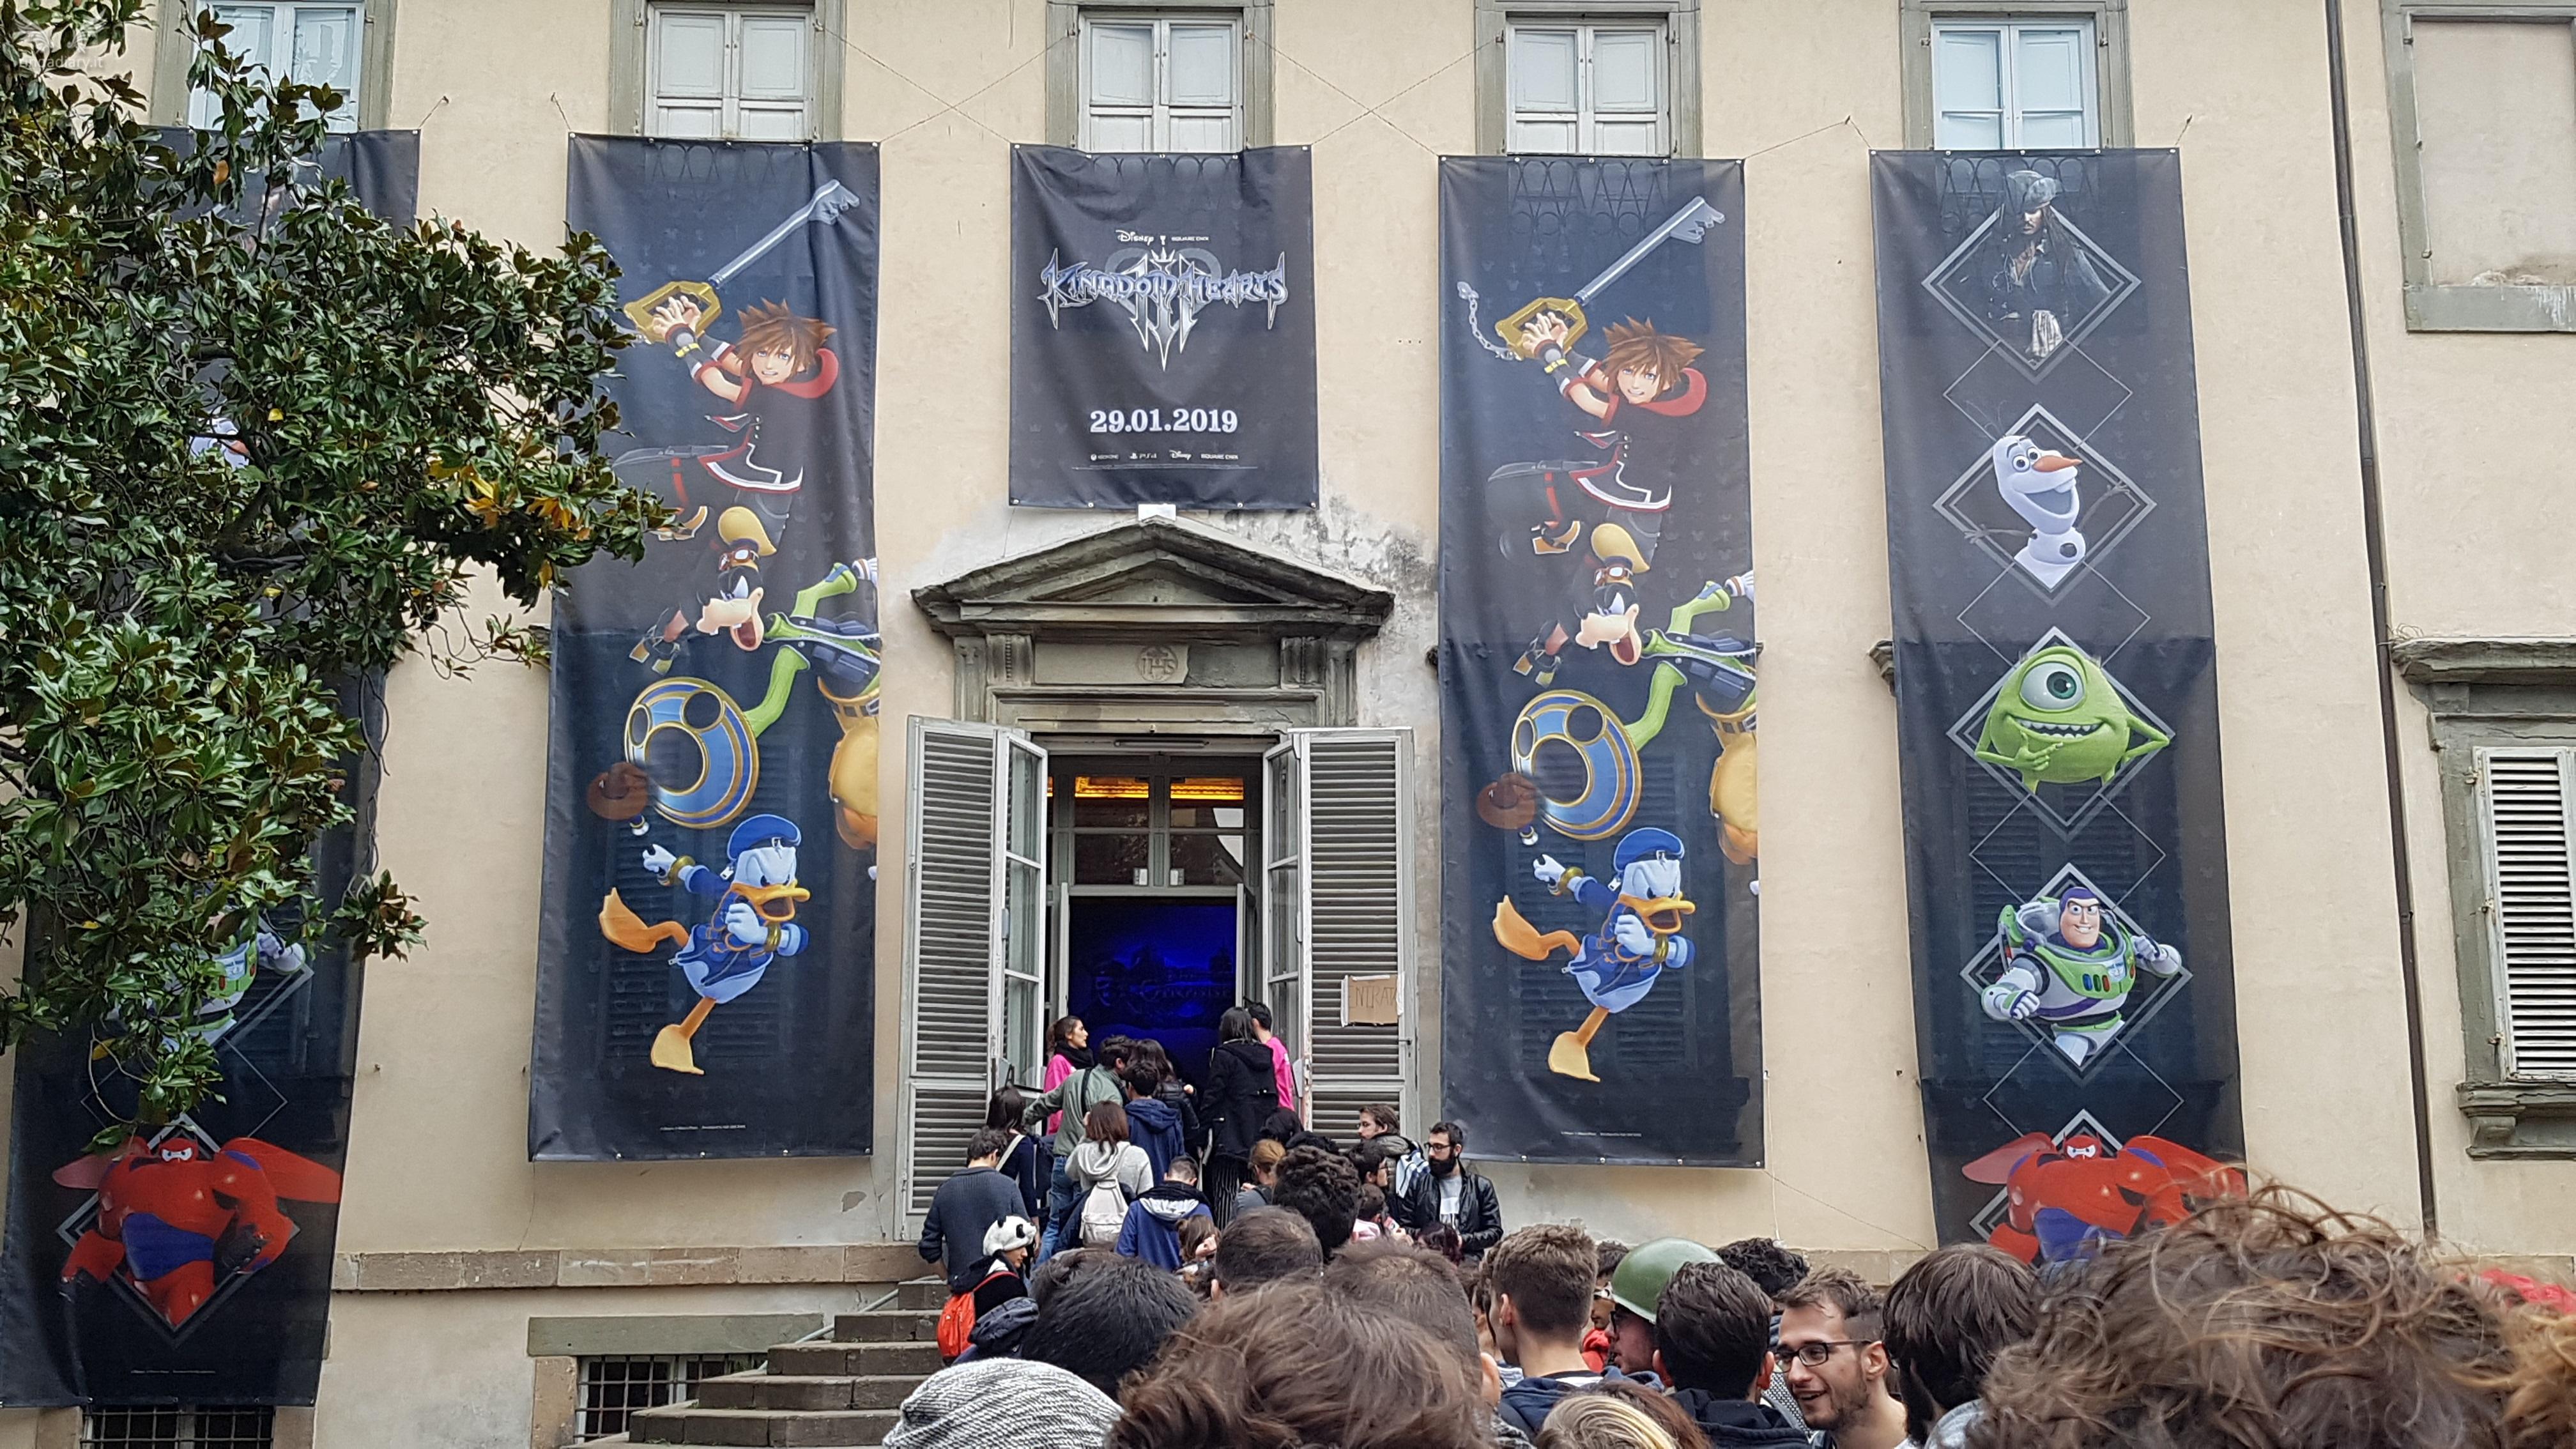 Recap fotografico del panel Kingdom Hearts III a Lucca Comics&Games!